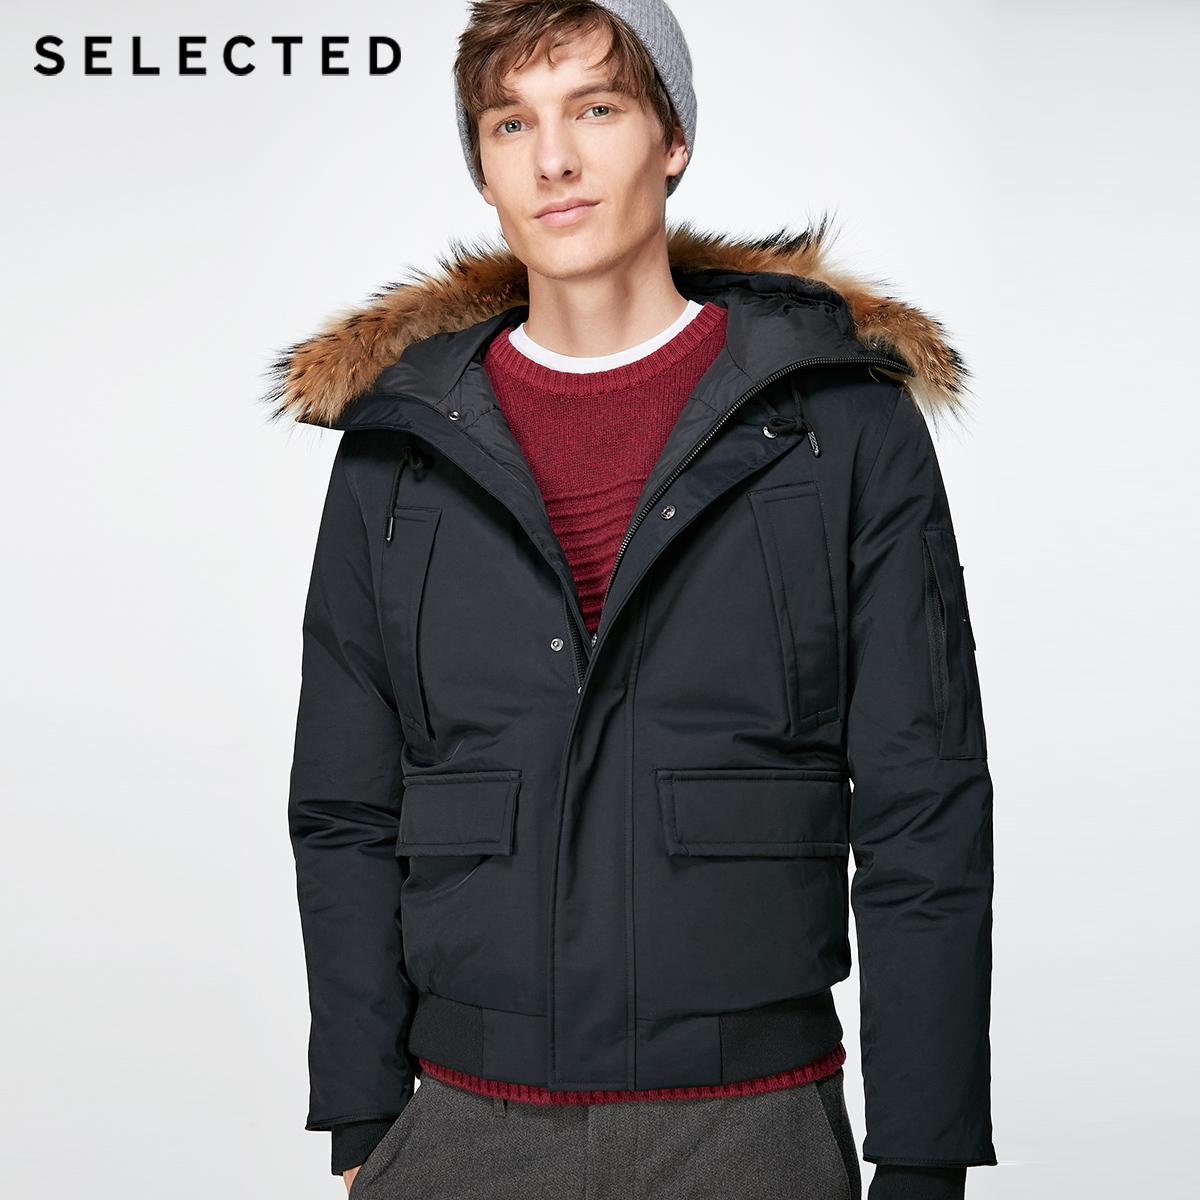 聚SELECTED思莱德冬季新款鸭绒男加厚短款羽绒服外套S|417412545